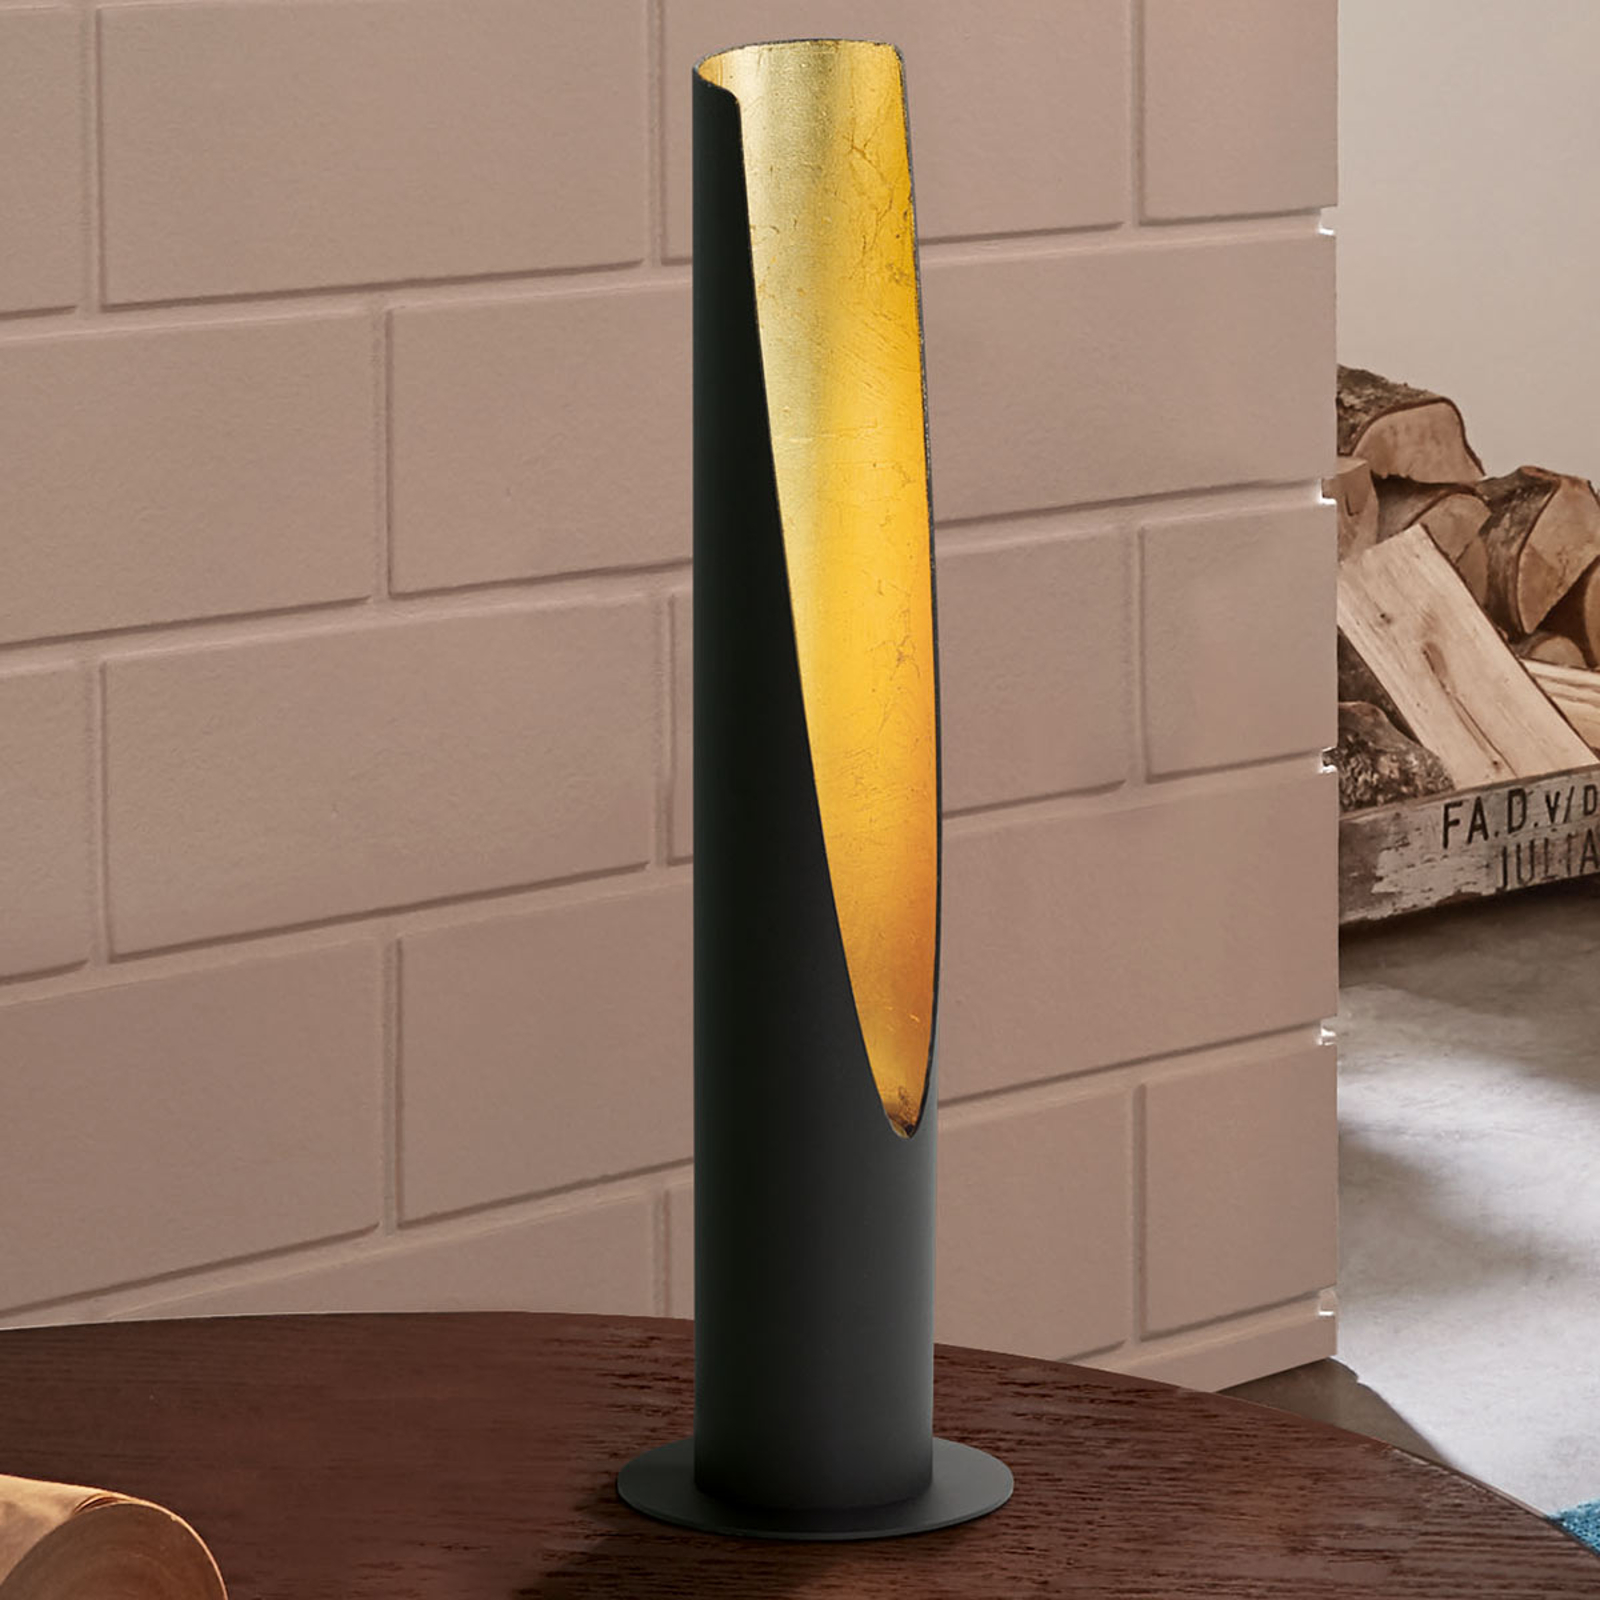 LED-bordlampe Barbotto i svart og gull.